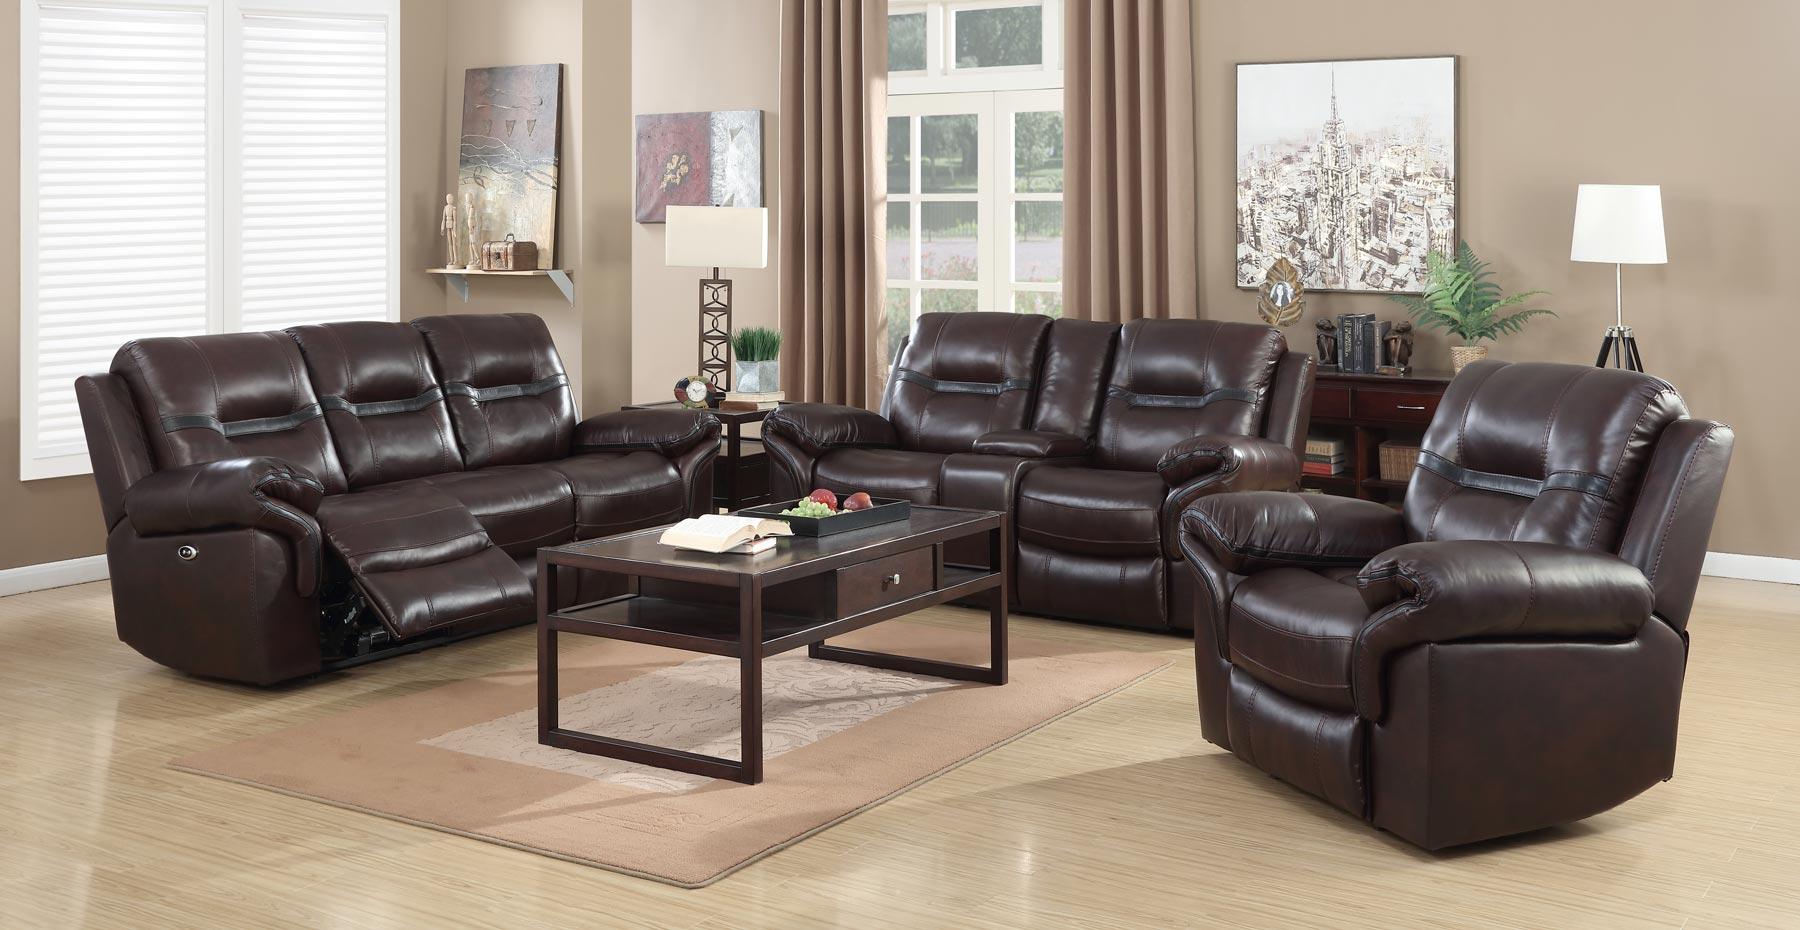 Belfast 3 Piece Living Room Set Gonzalez Furniture